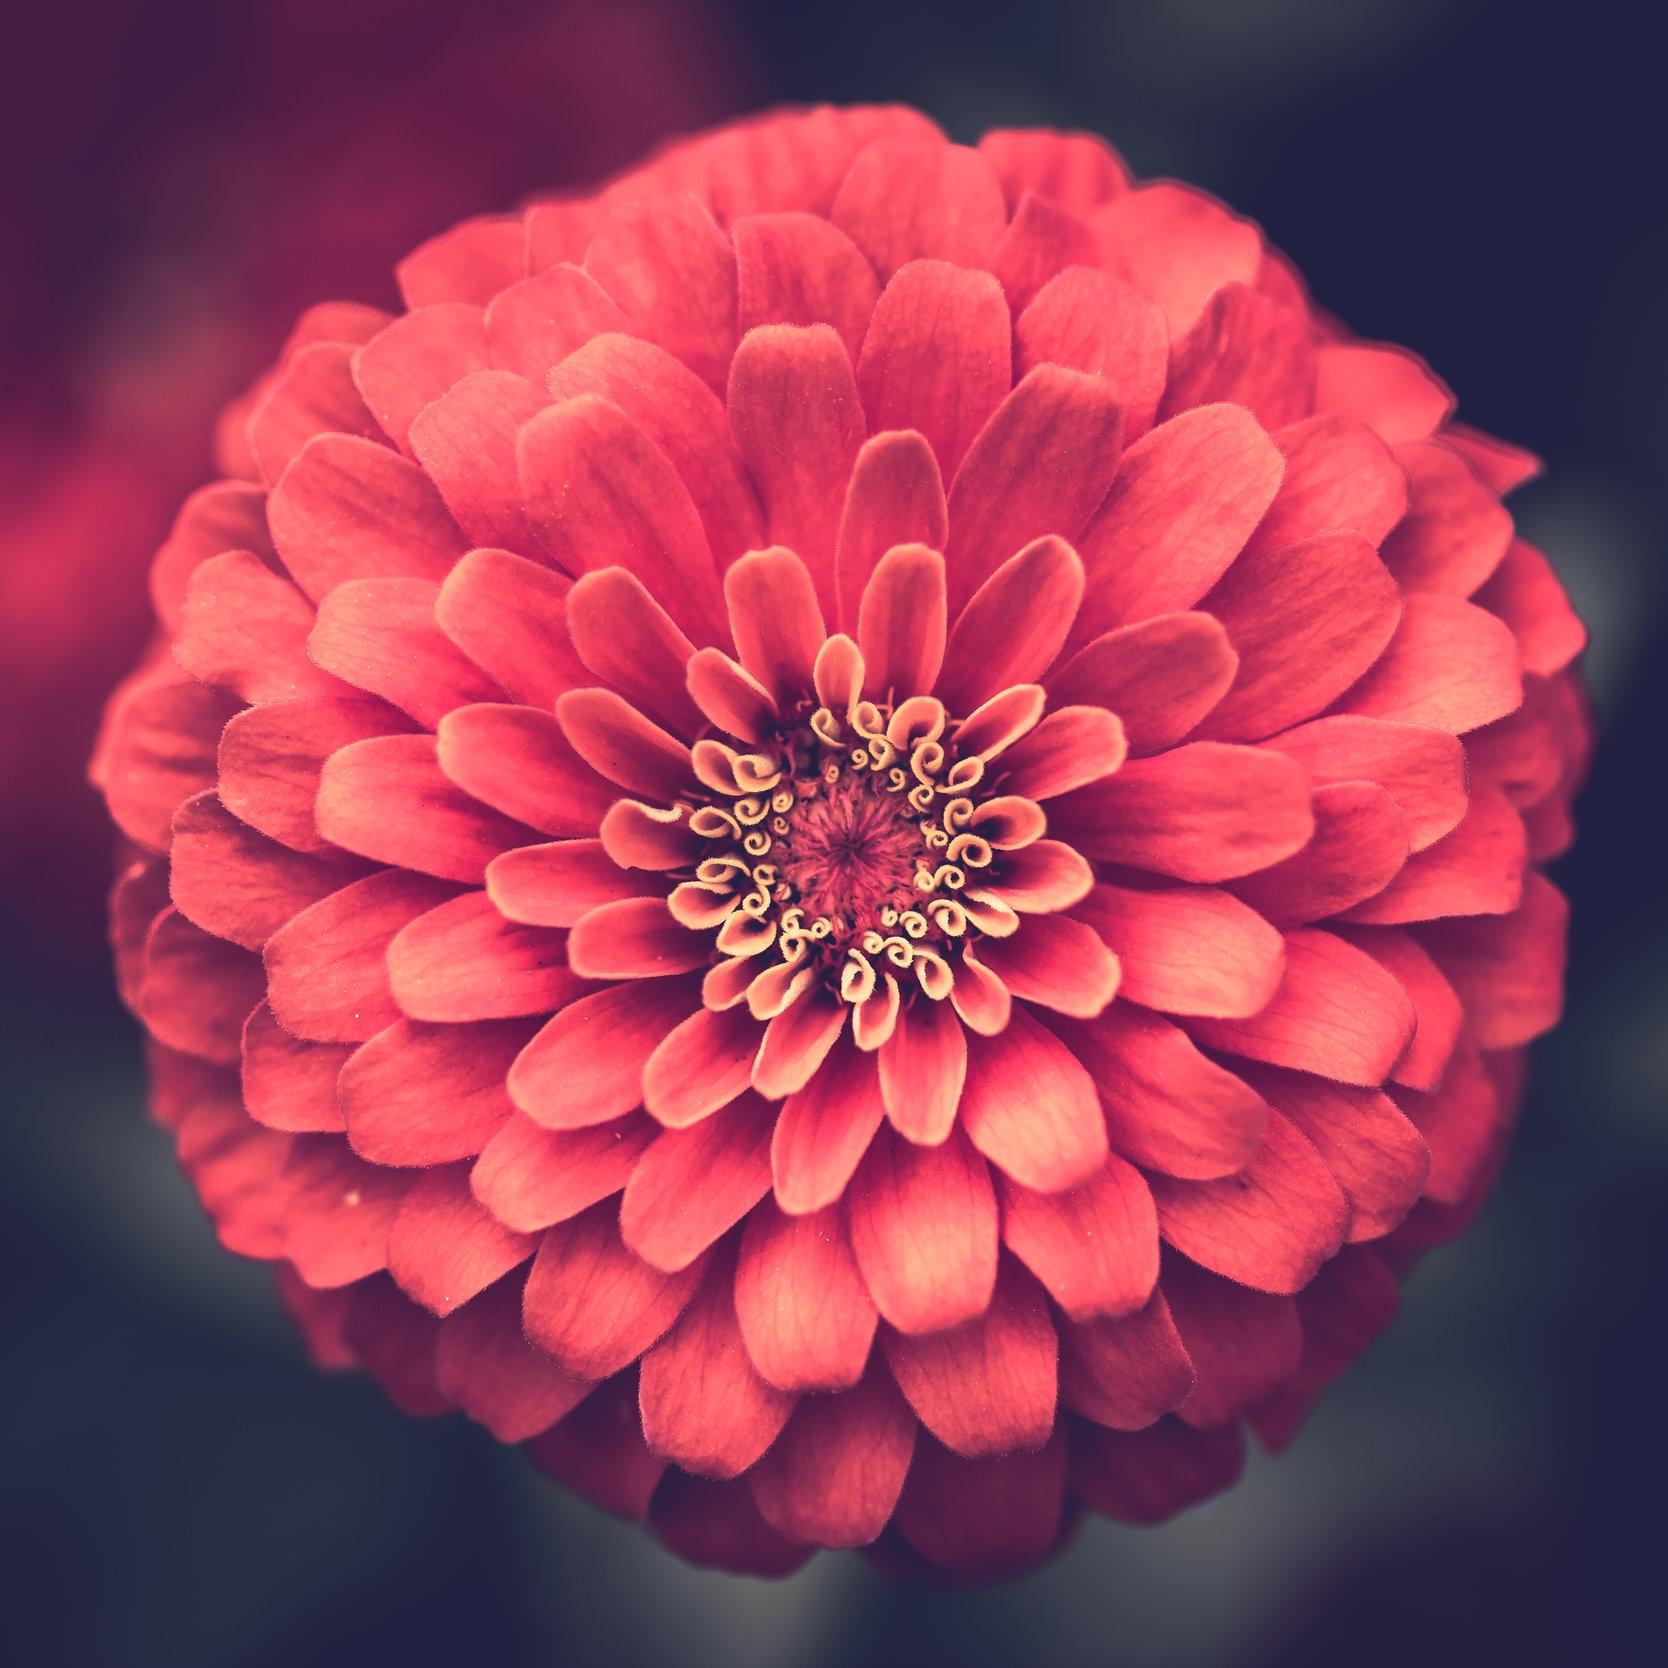 den usynlige blomsten -